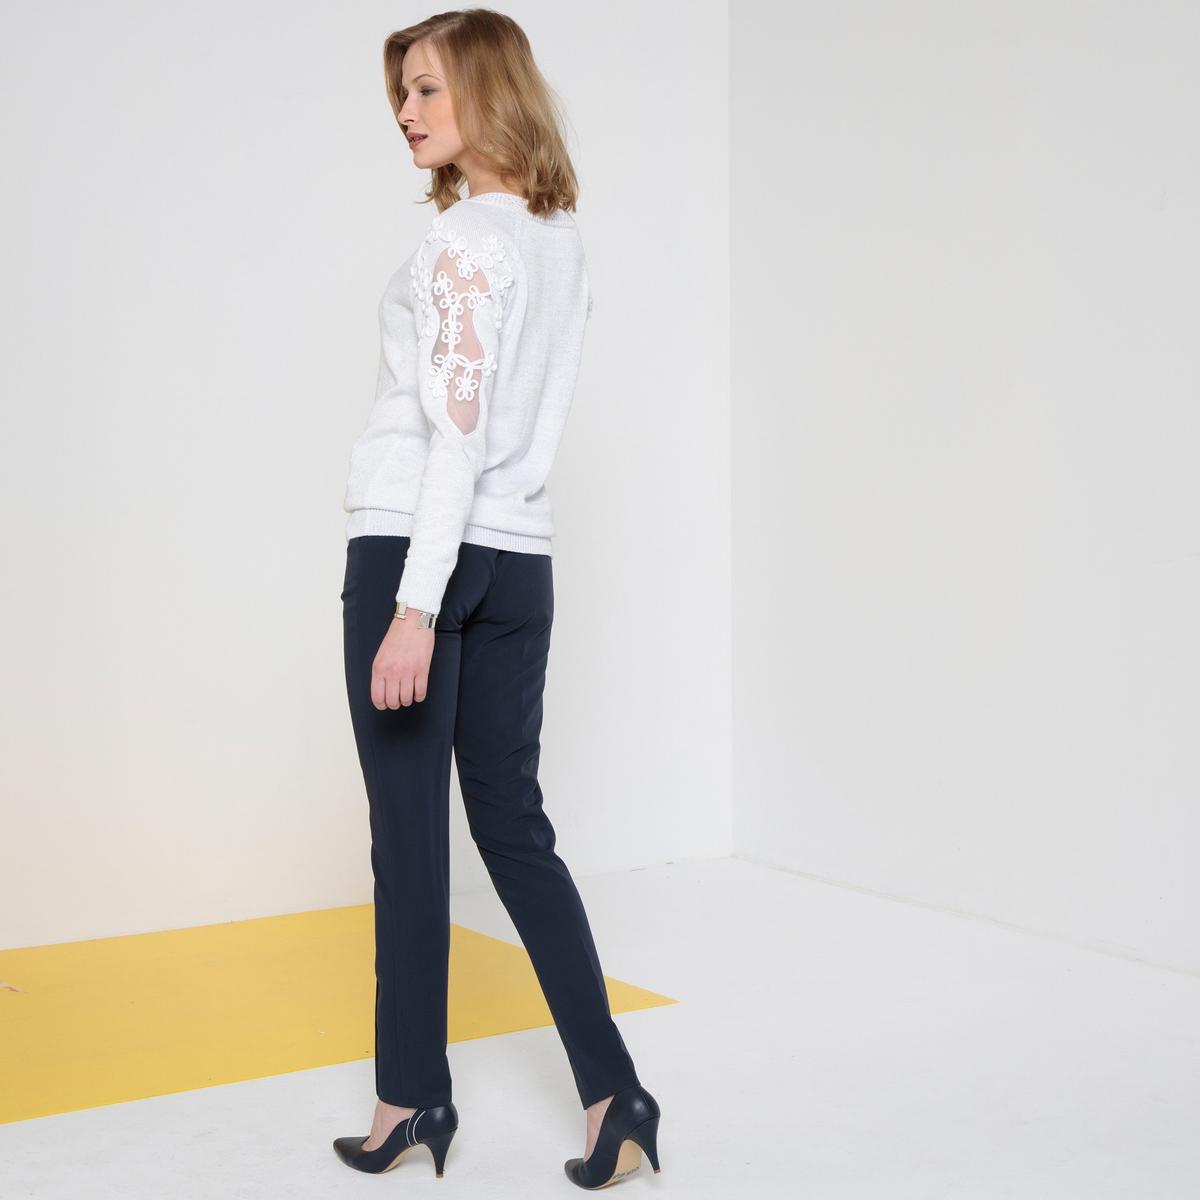 Imagen secundaria de producto de Jersey con cuello de pico, de punto fino brillante - Anne weyburn